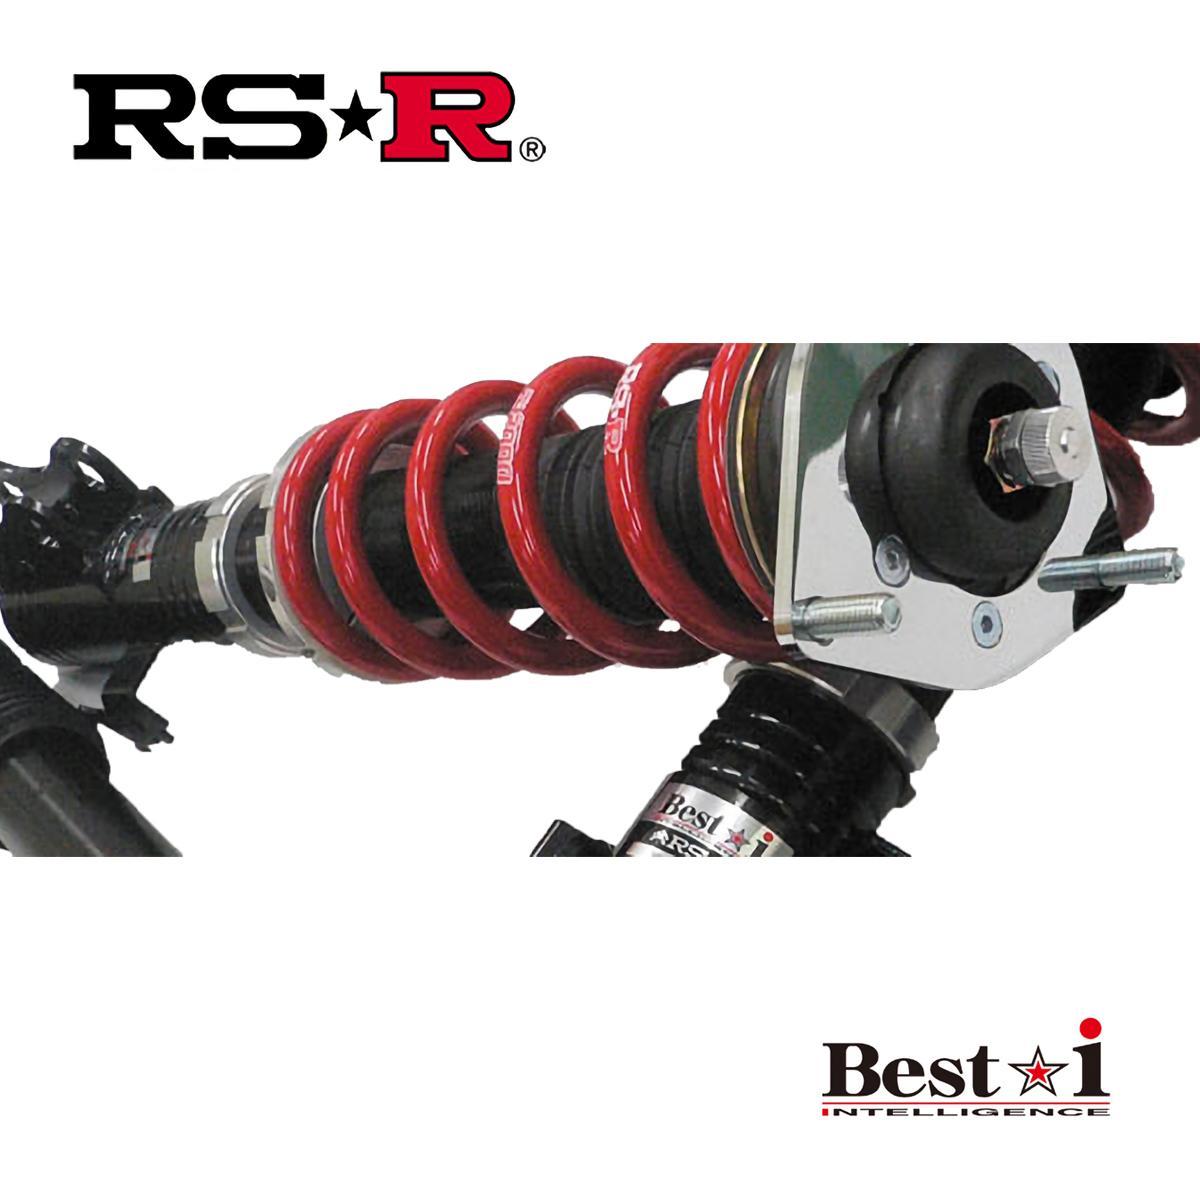 RS-R C-HR G-T NGX50 車高調 リア車高調整:ネジ式/ハードバネレート仕様 BIT384H ベストi RSR 個人宅発送追金有